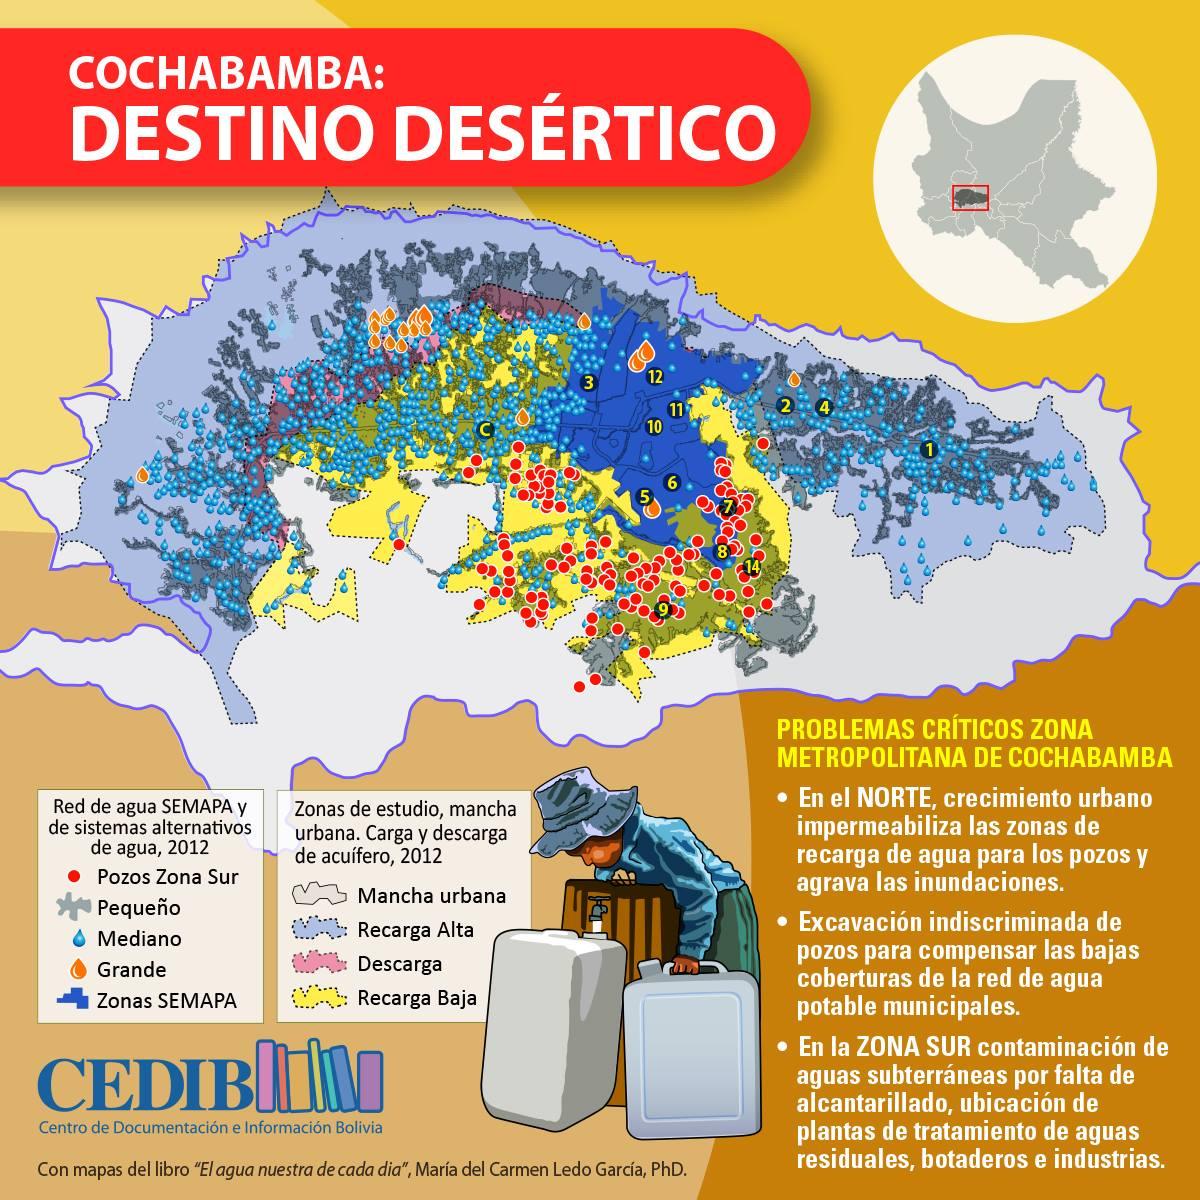 Destino desértico